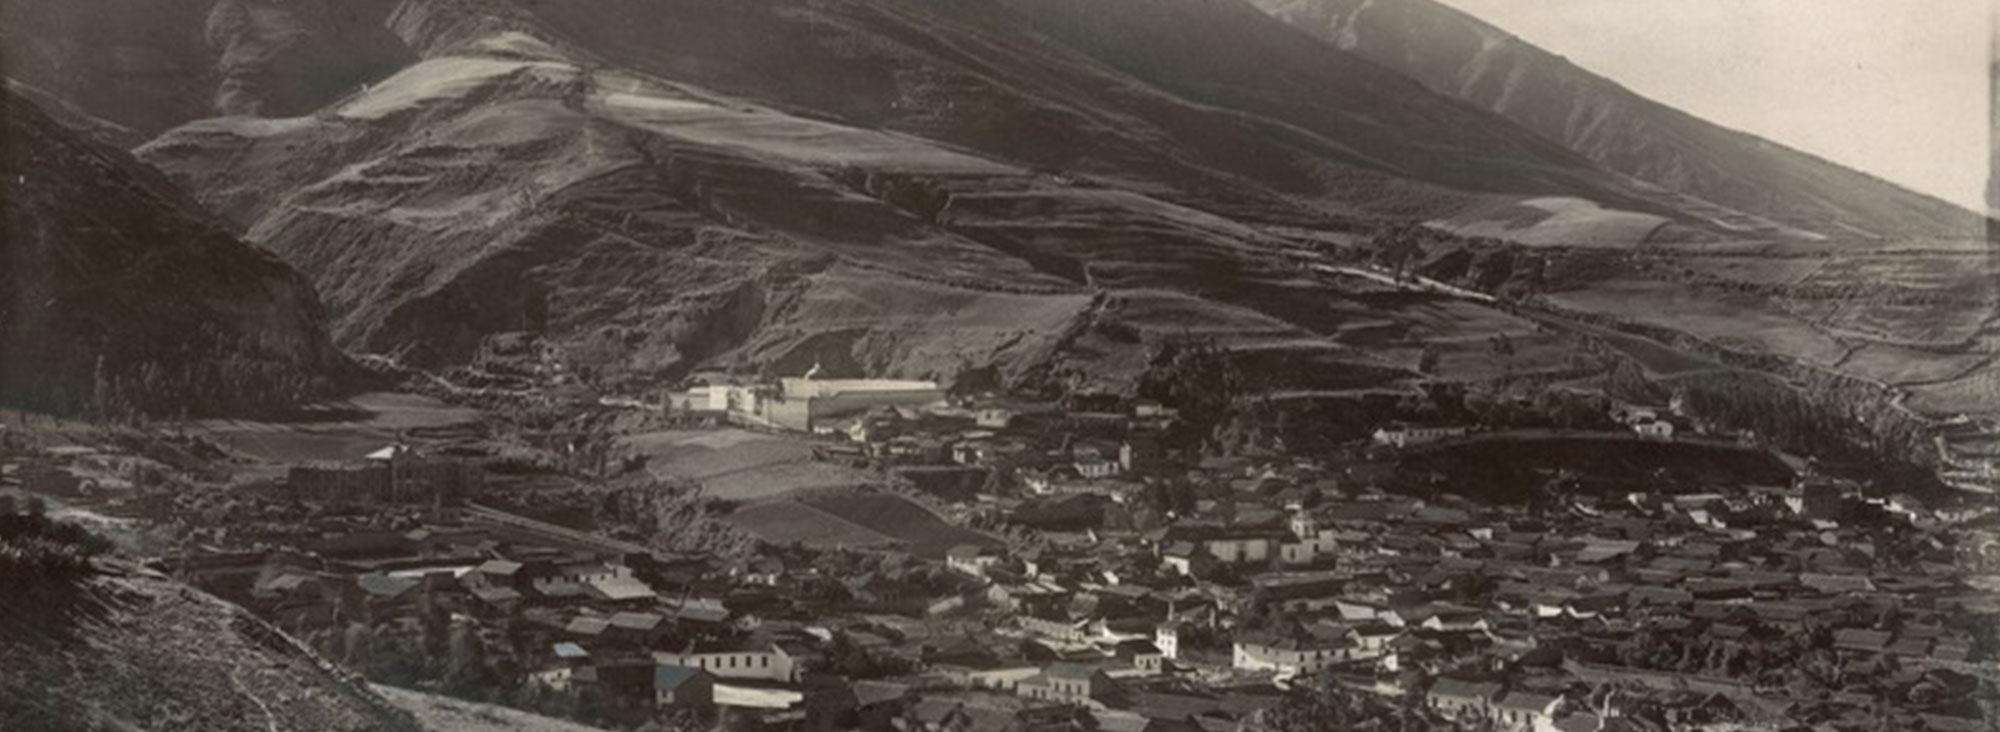 Quito y El Comercio SLI